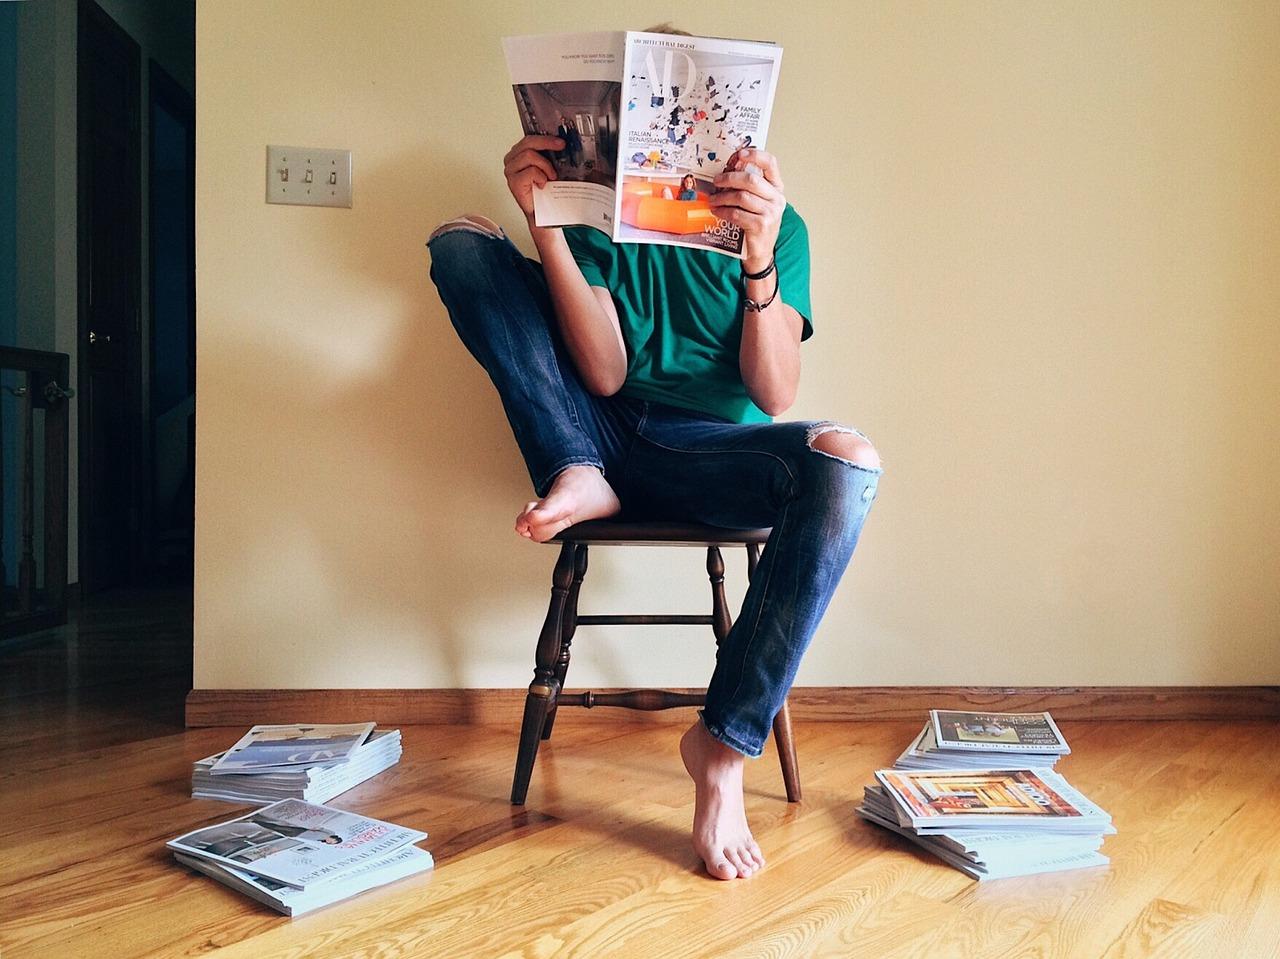 расходует сидит на лице и читает журнал размещений больше доход